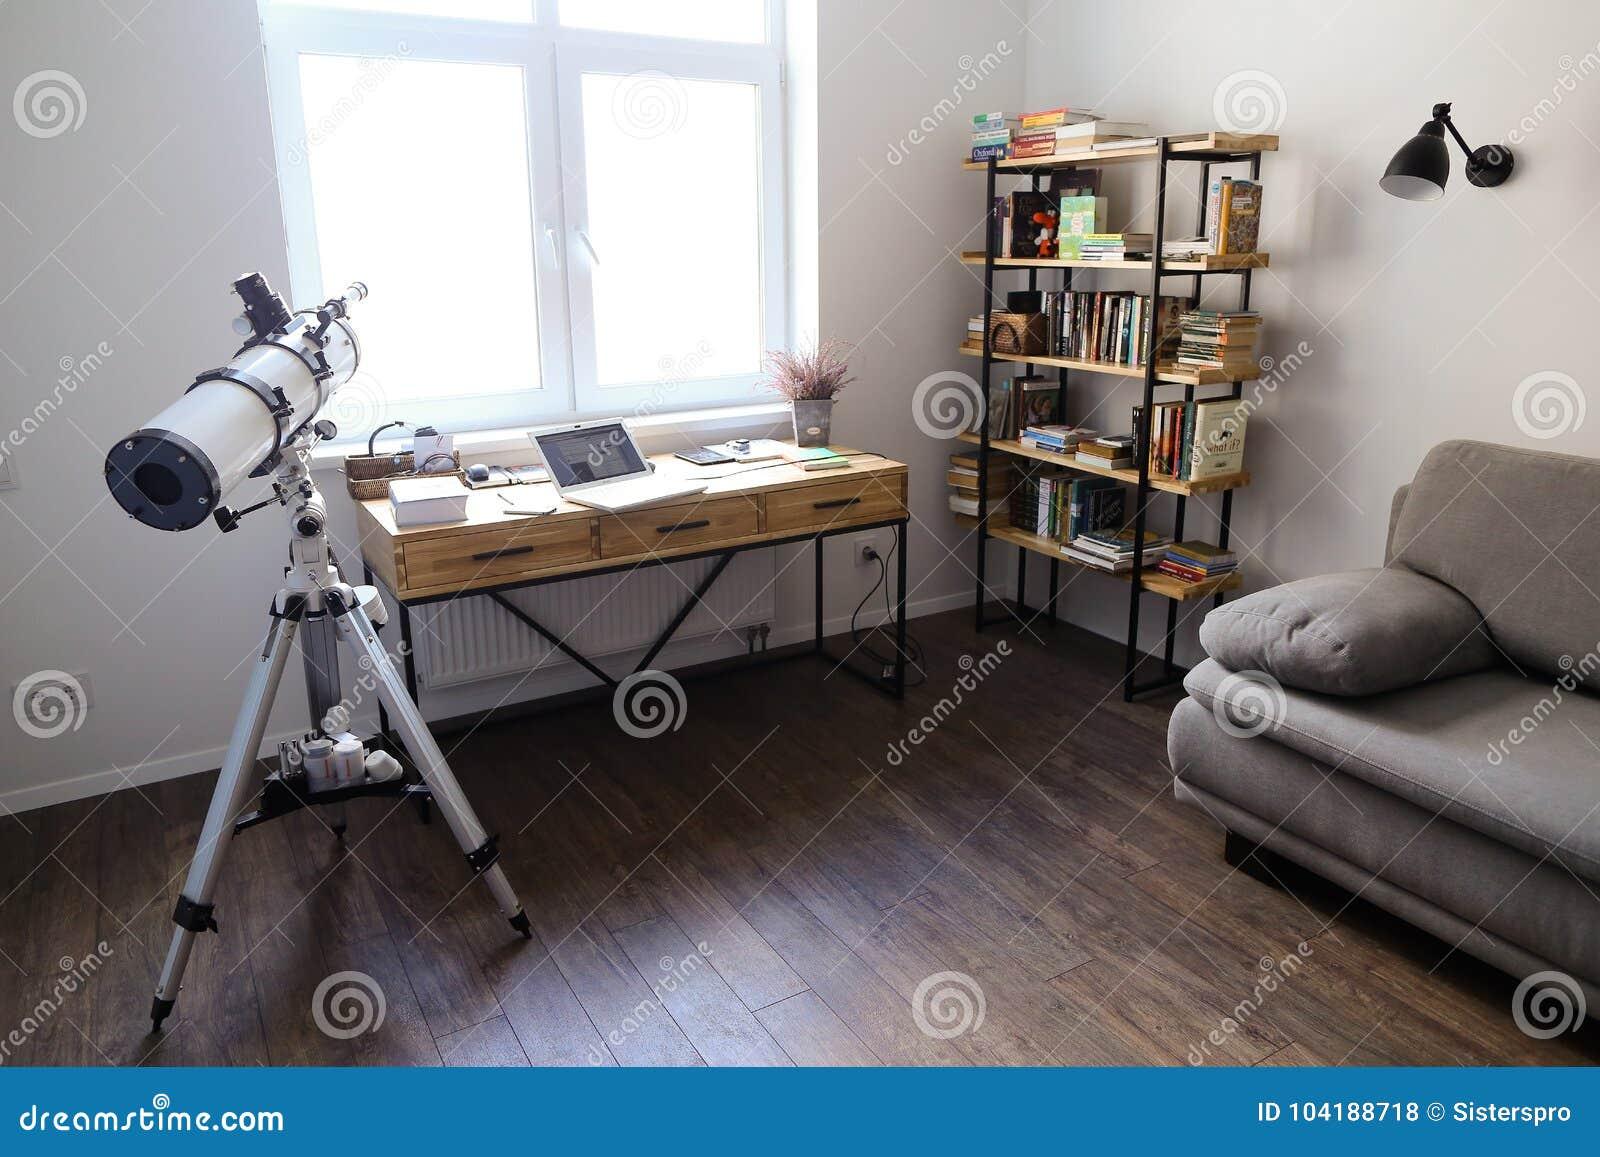 Planlägg och utrustade kontoret för att arbeta med anordningar i spacio